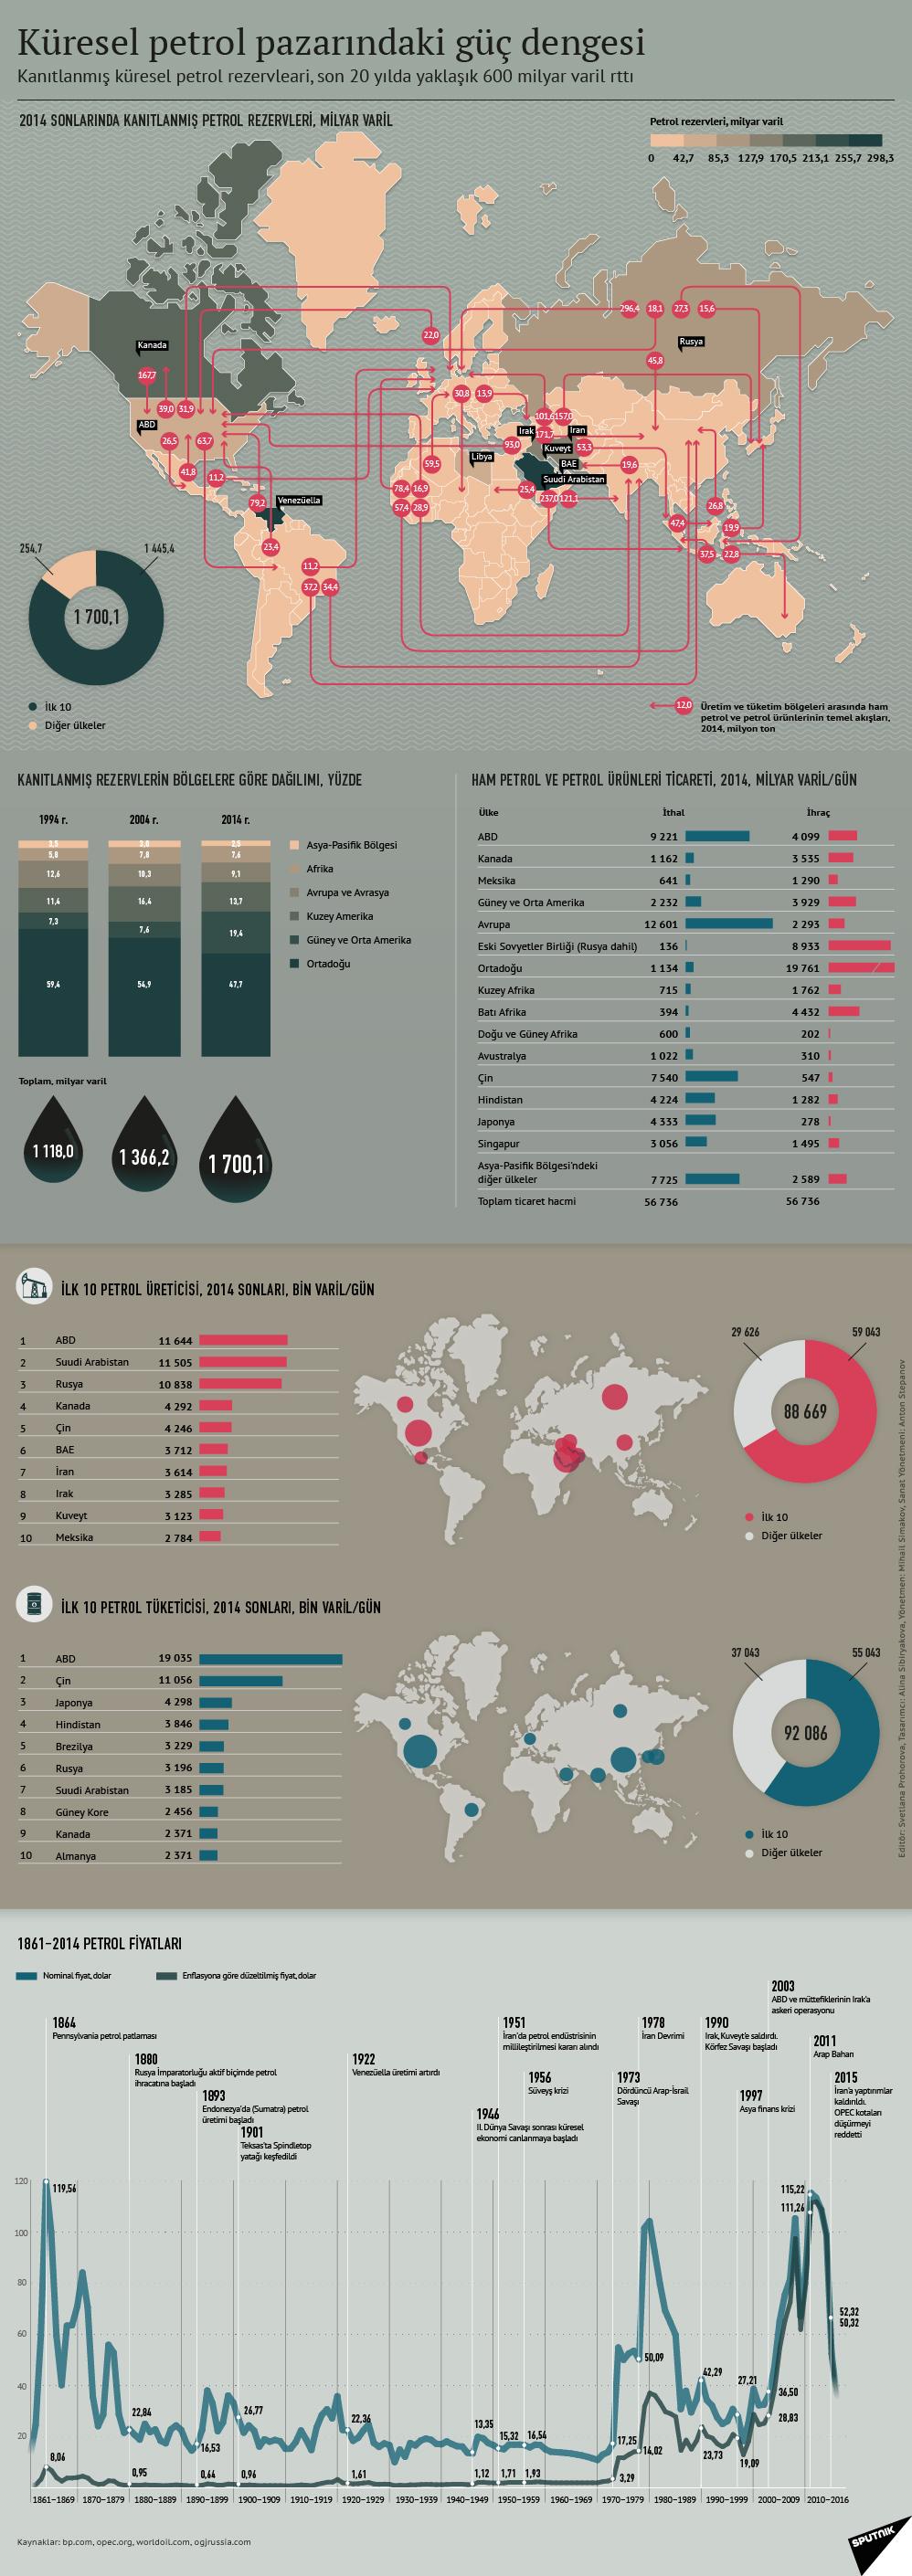 Küresel petrol pazarındaki güç dengesi